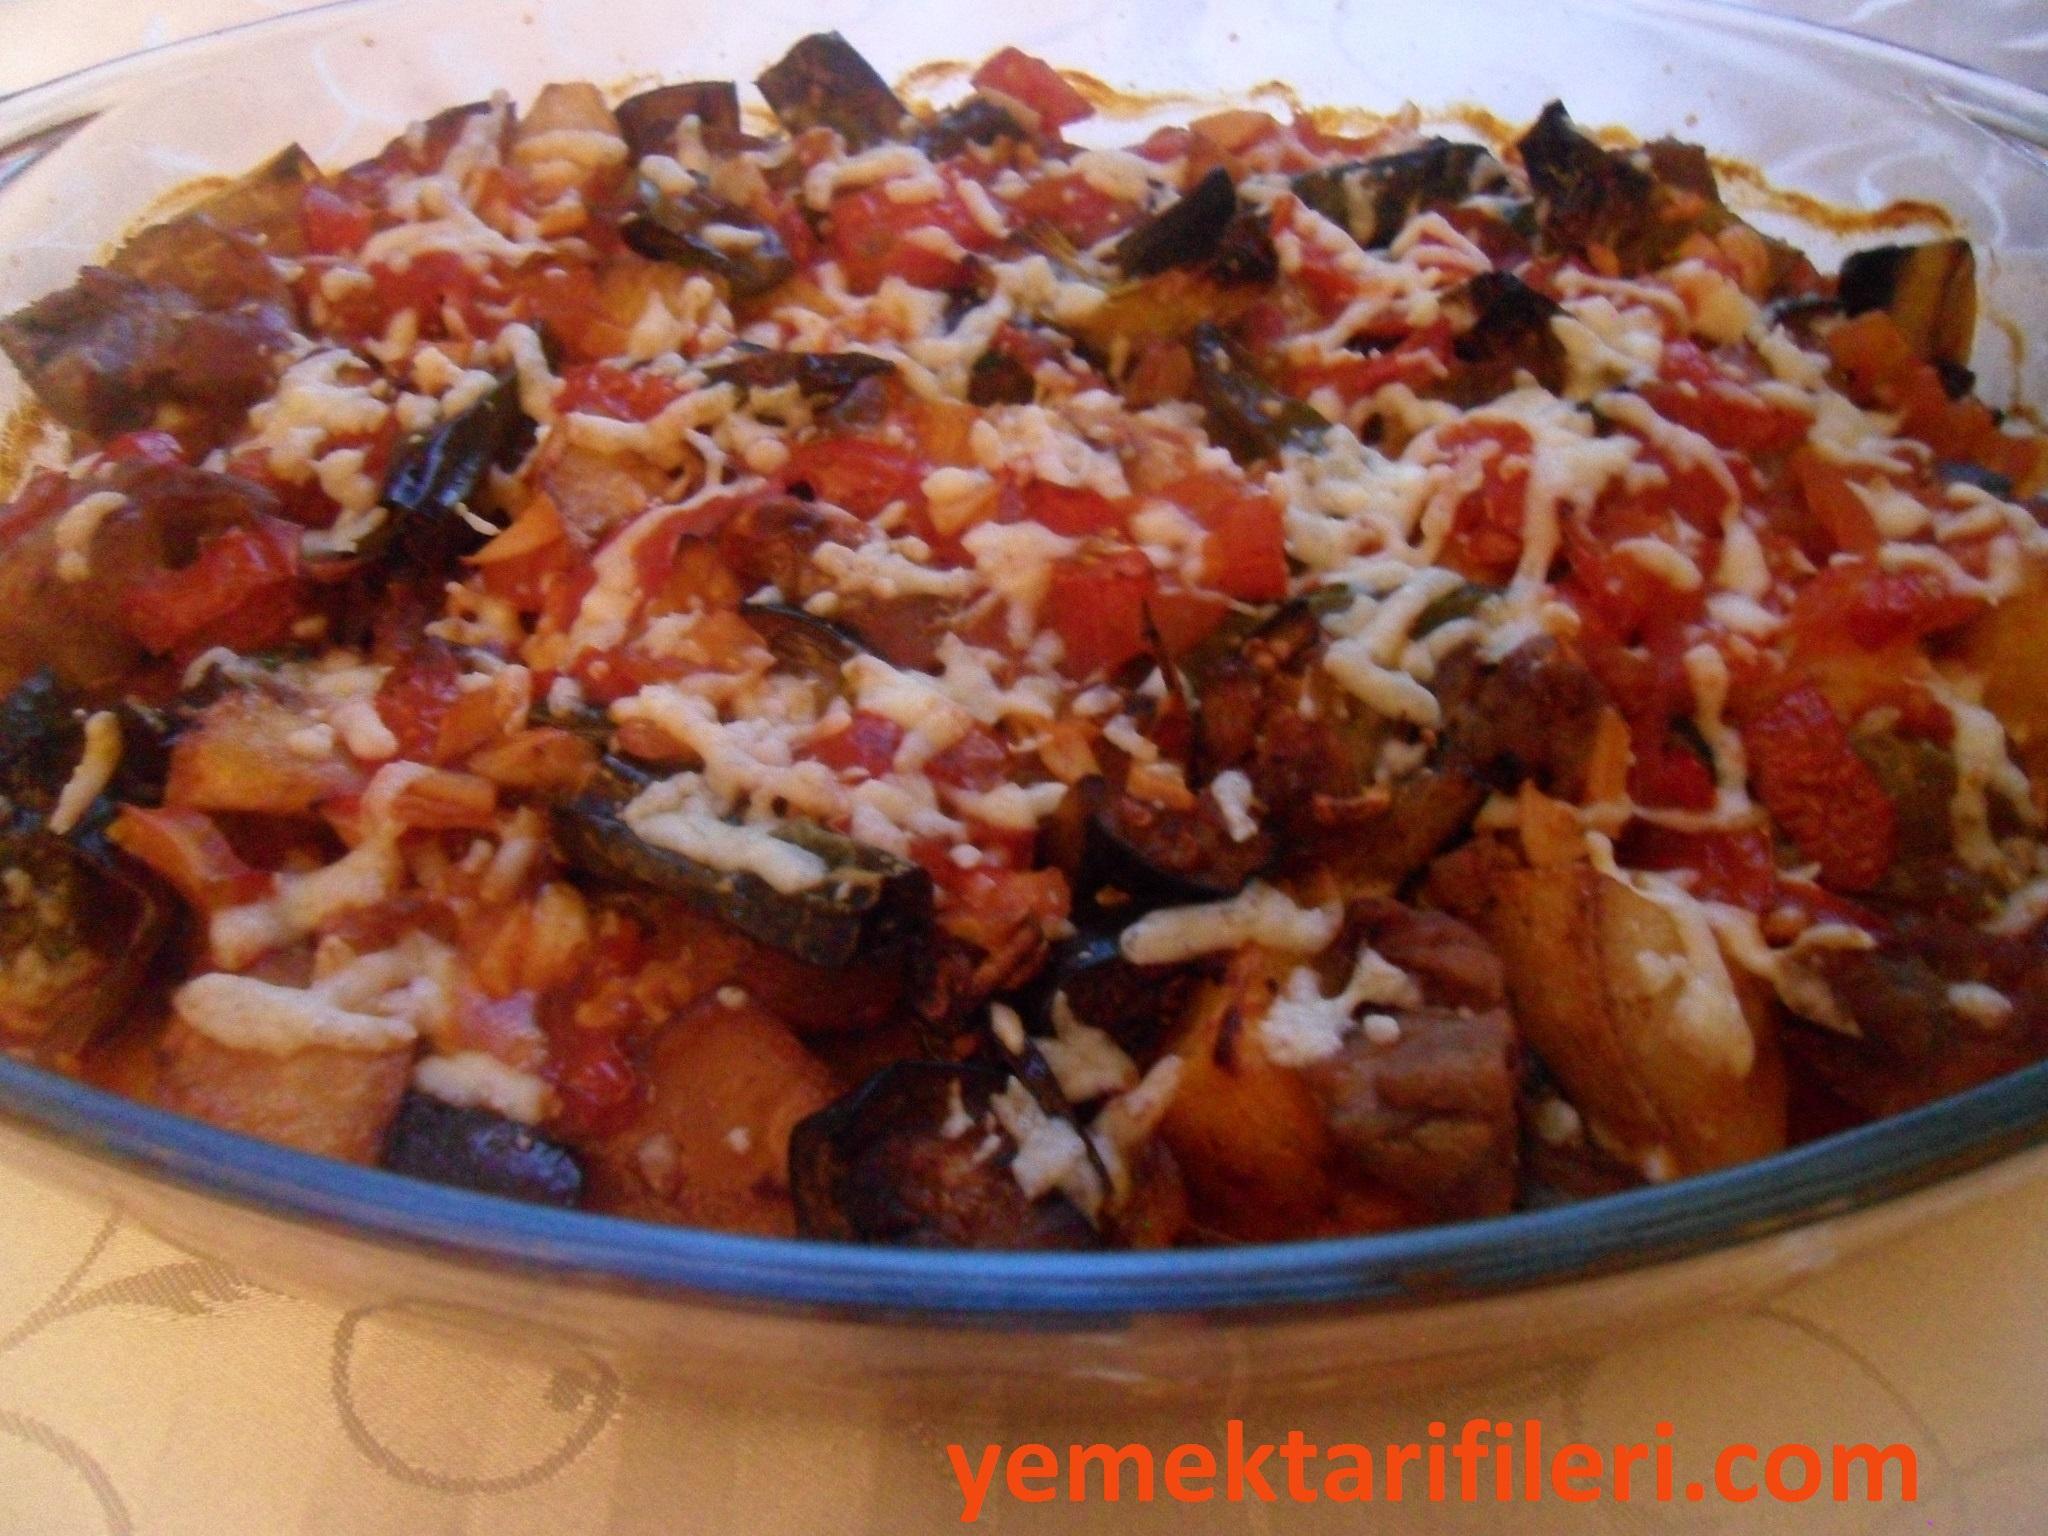 Fırında Etli Patlıcan Tarifi